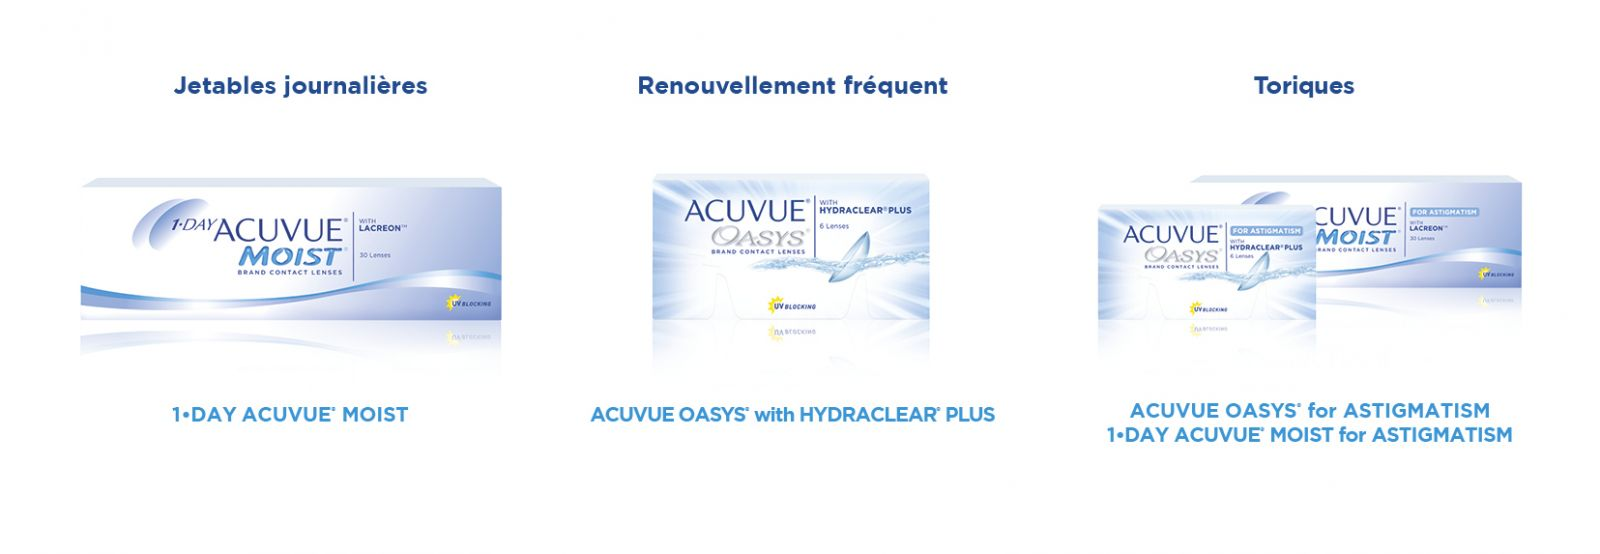 2786cd48f59eb4 La gamme de lentilles ACUVUE® offre de nombreuses modalités de  renouvellement (2 semaines, journalier). Le port de lentilles devient ainsi  une expérience ...